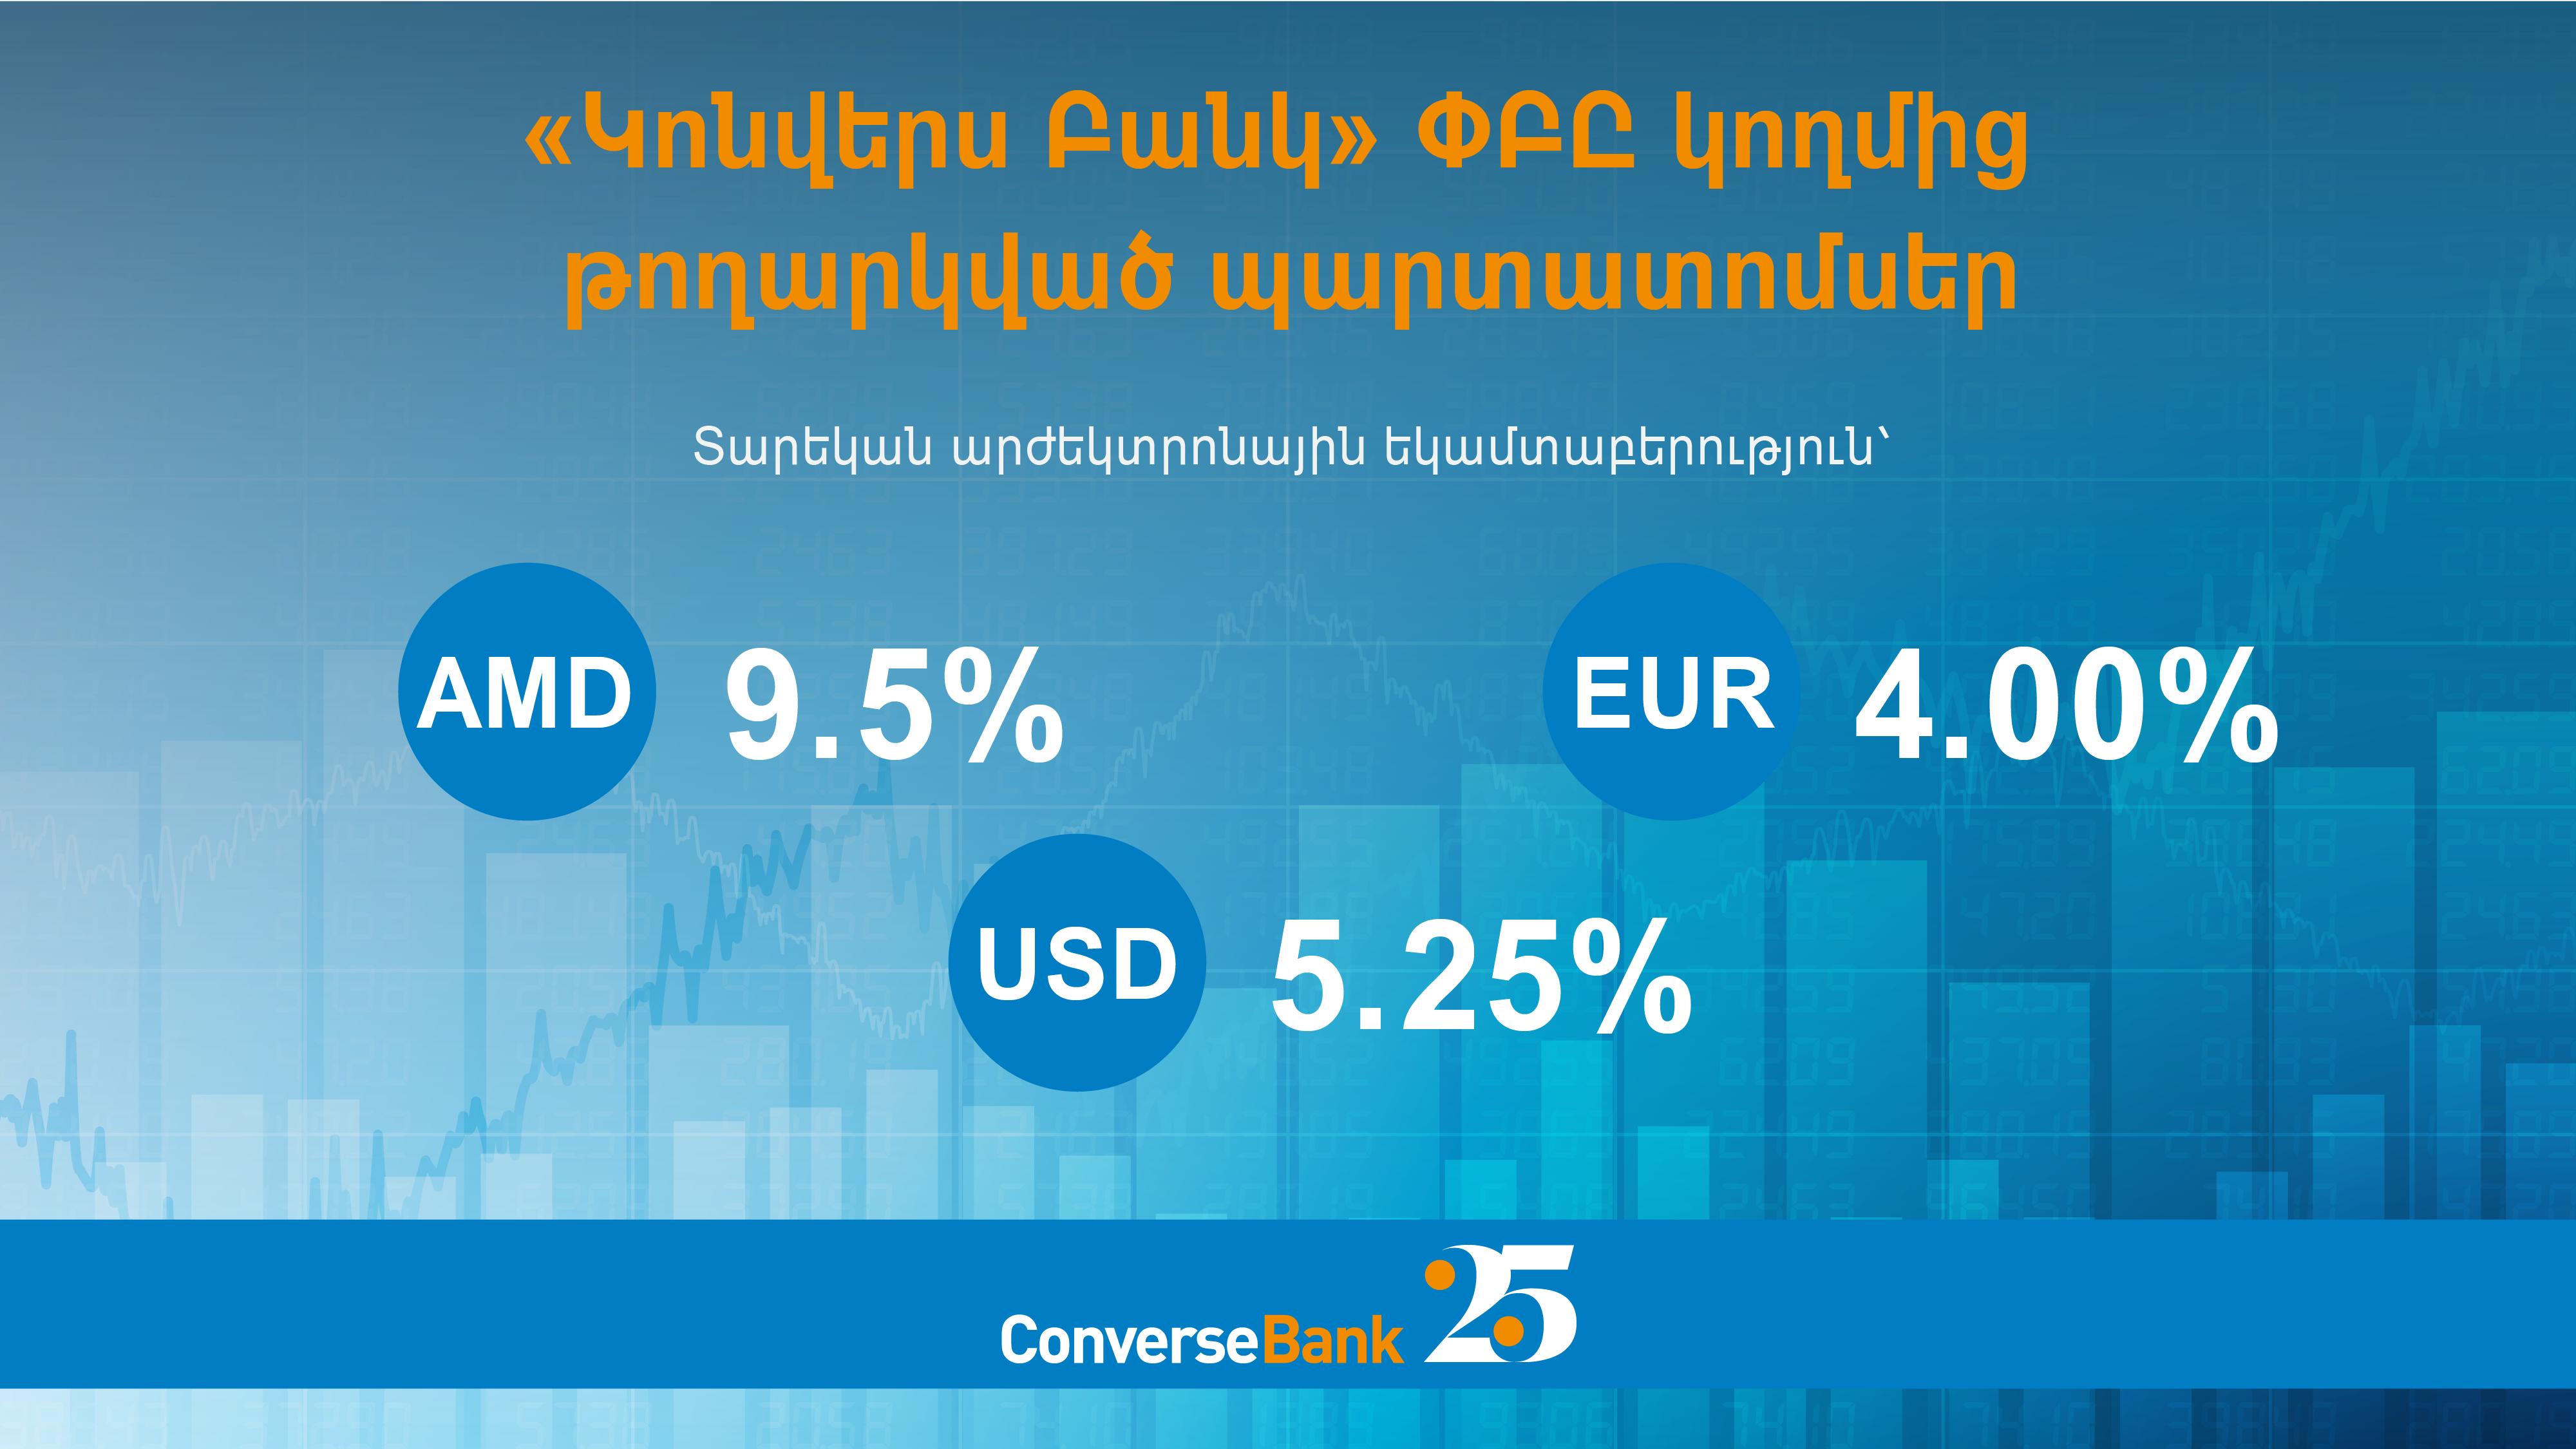 Կոնվերս Բանկ․ ավարտվել է երեք արժույթներով պարտատոմսերի տեղաբաշխումը